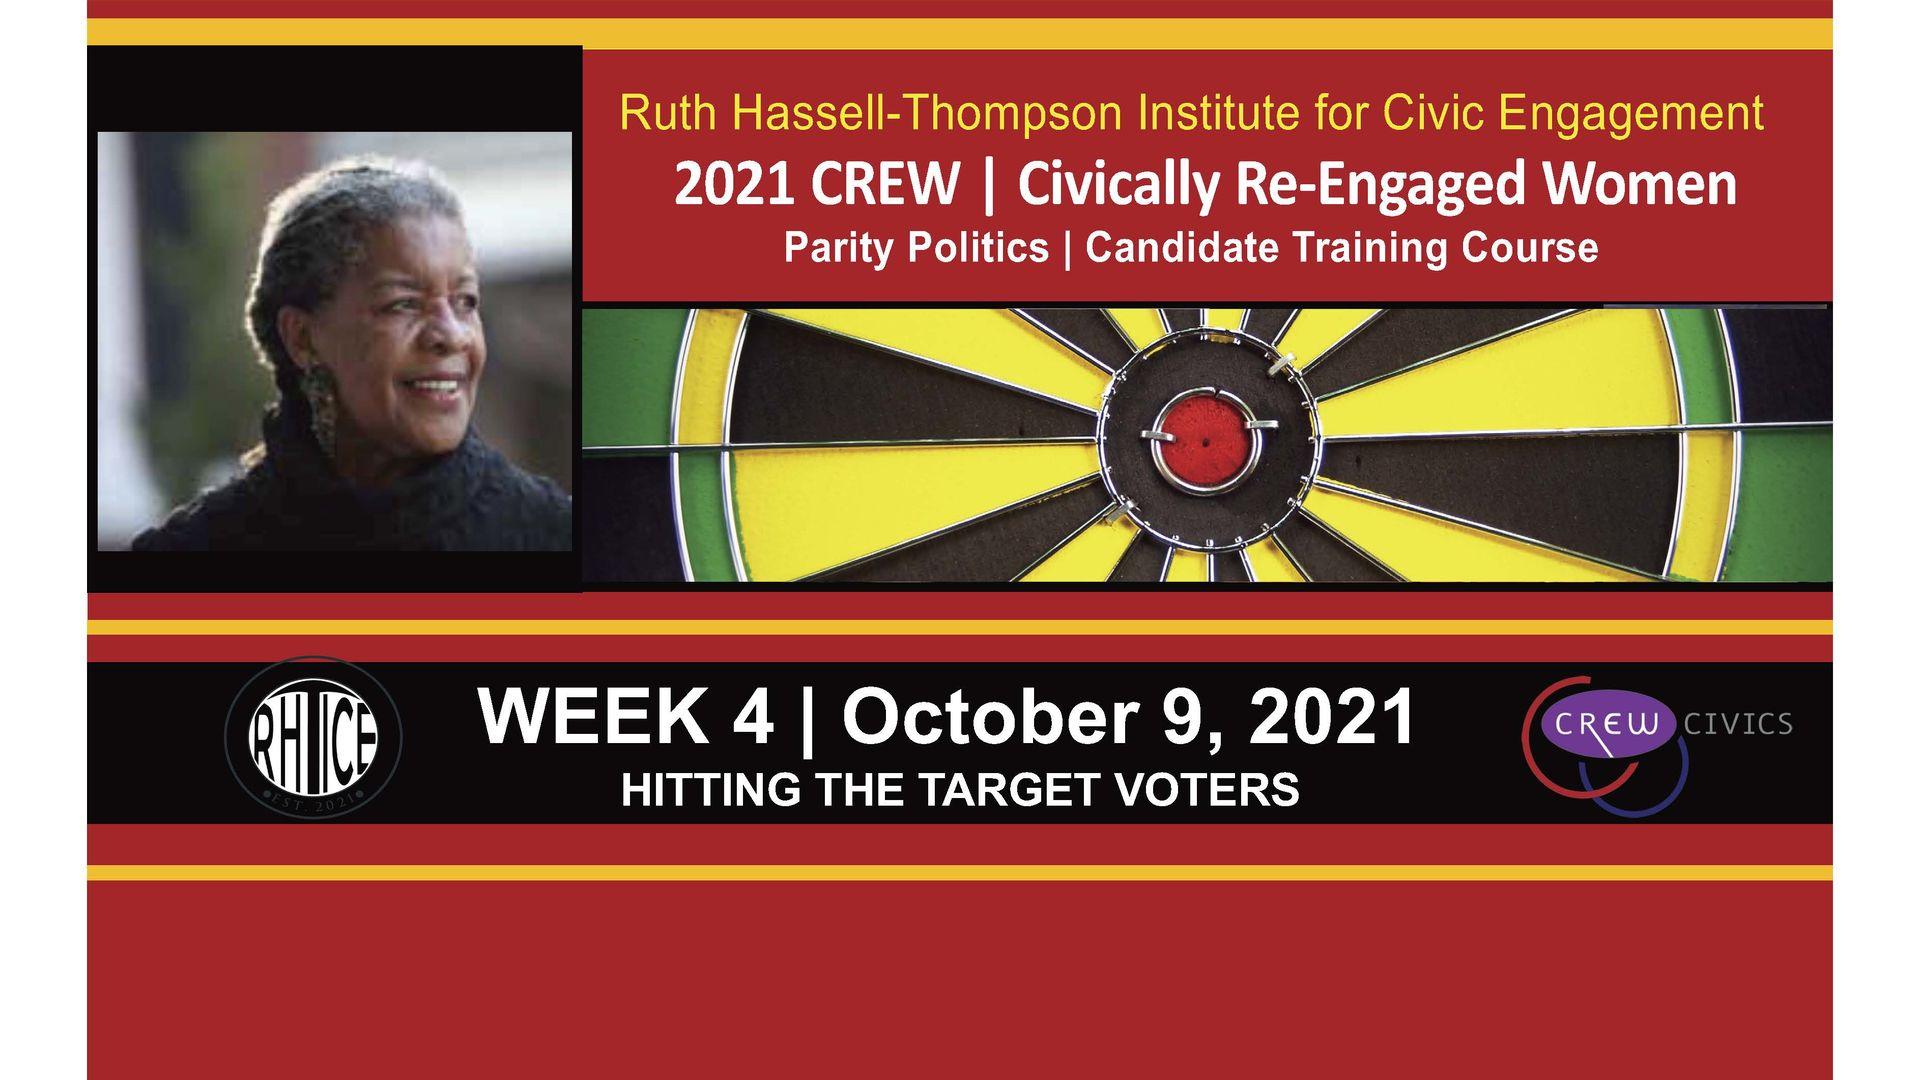 Week 4 | Hitting The Target